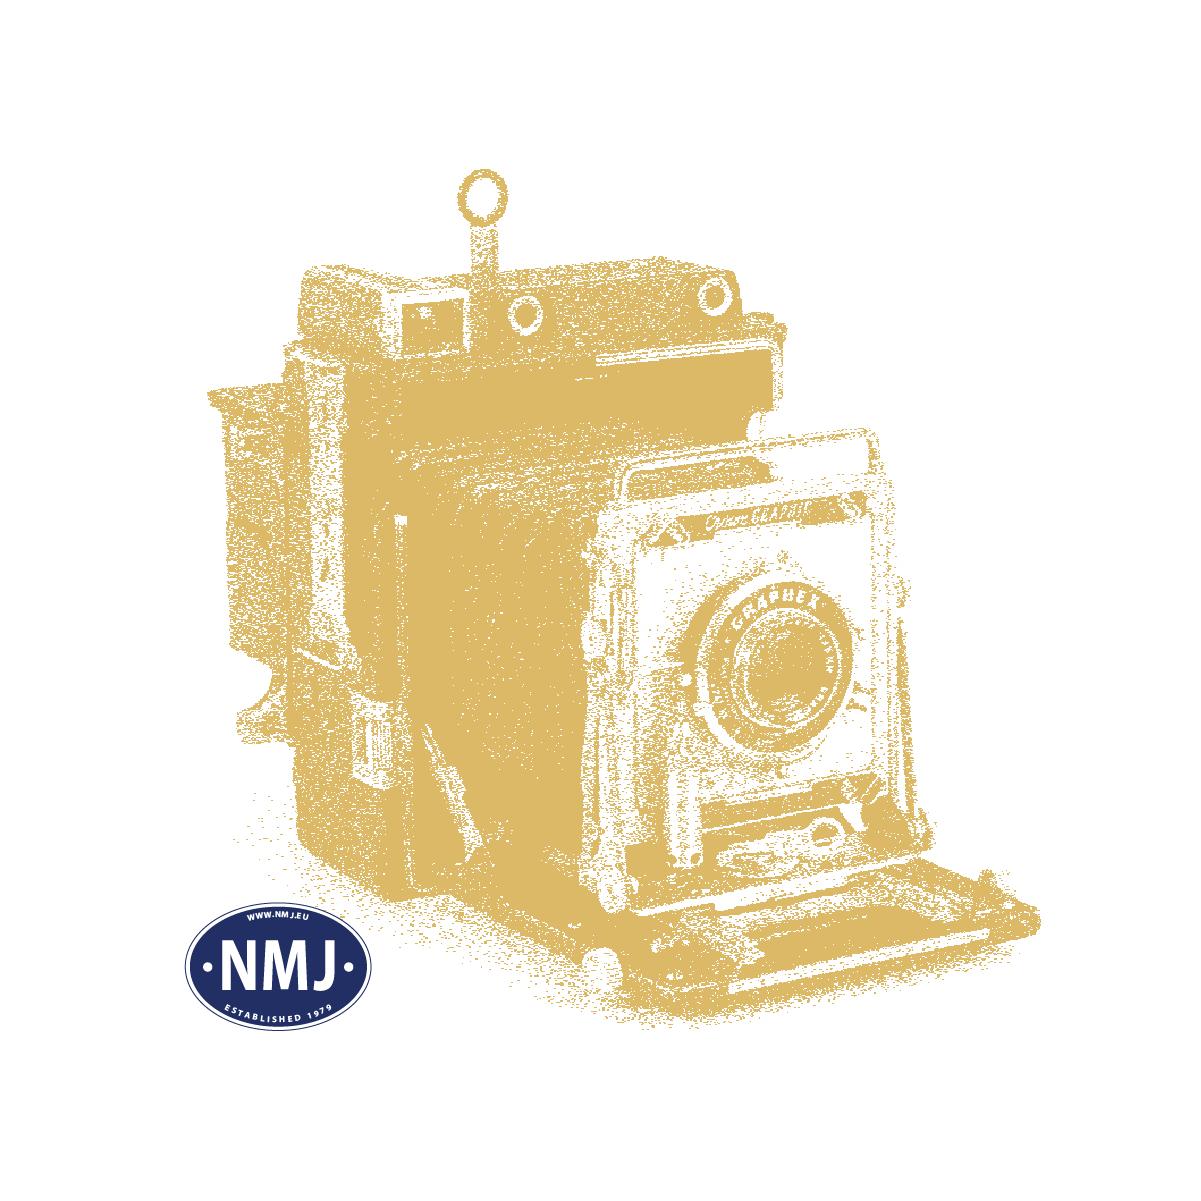 MWB-P201 - Gresstuster, Vår, 2 mm, 21 x 15 Cm